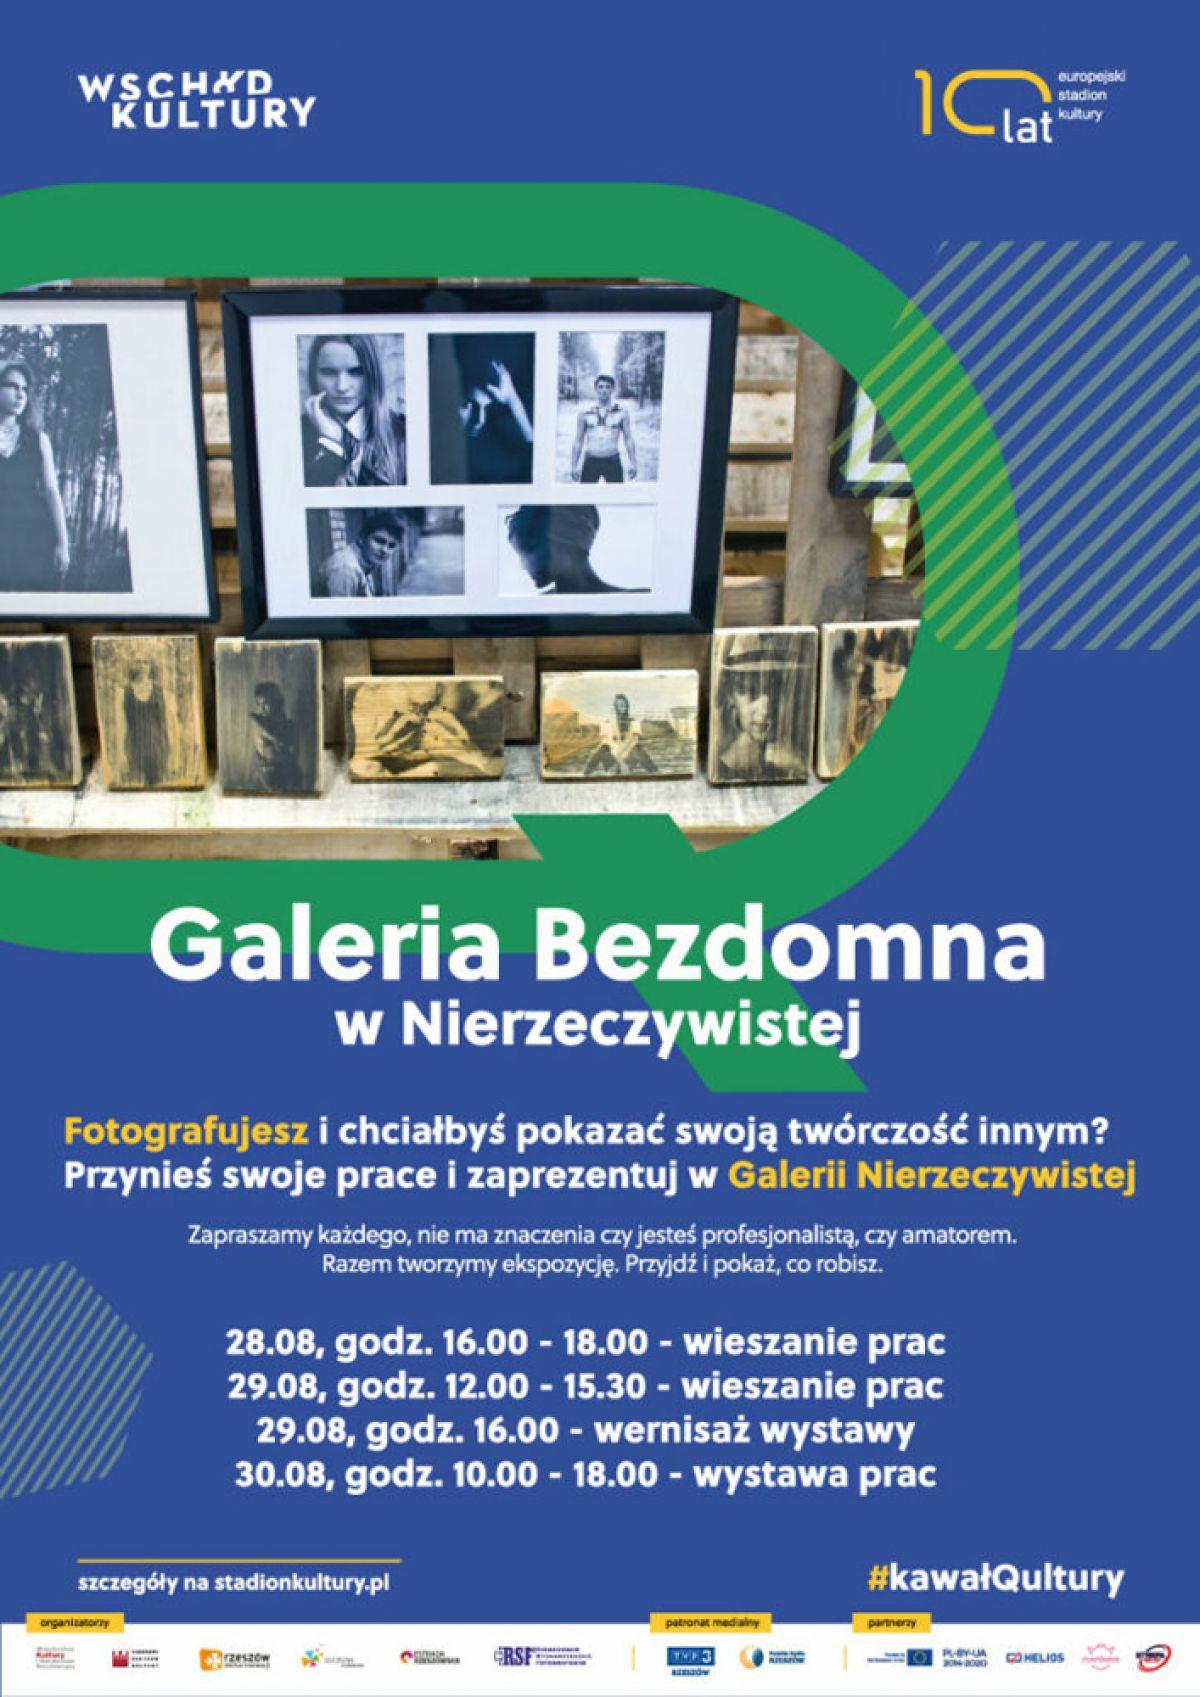 galeria_bezdomna